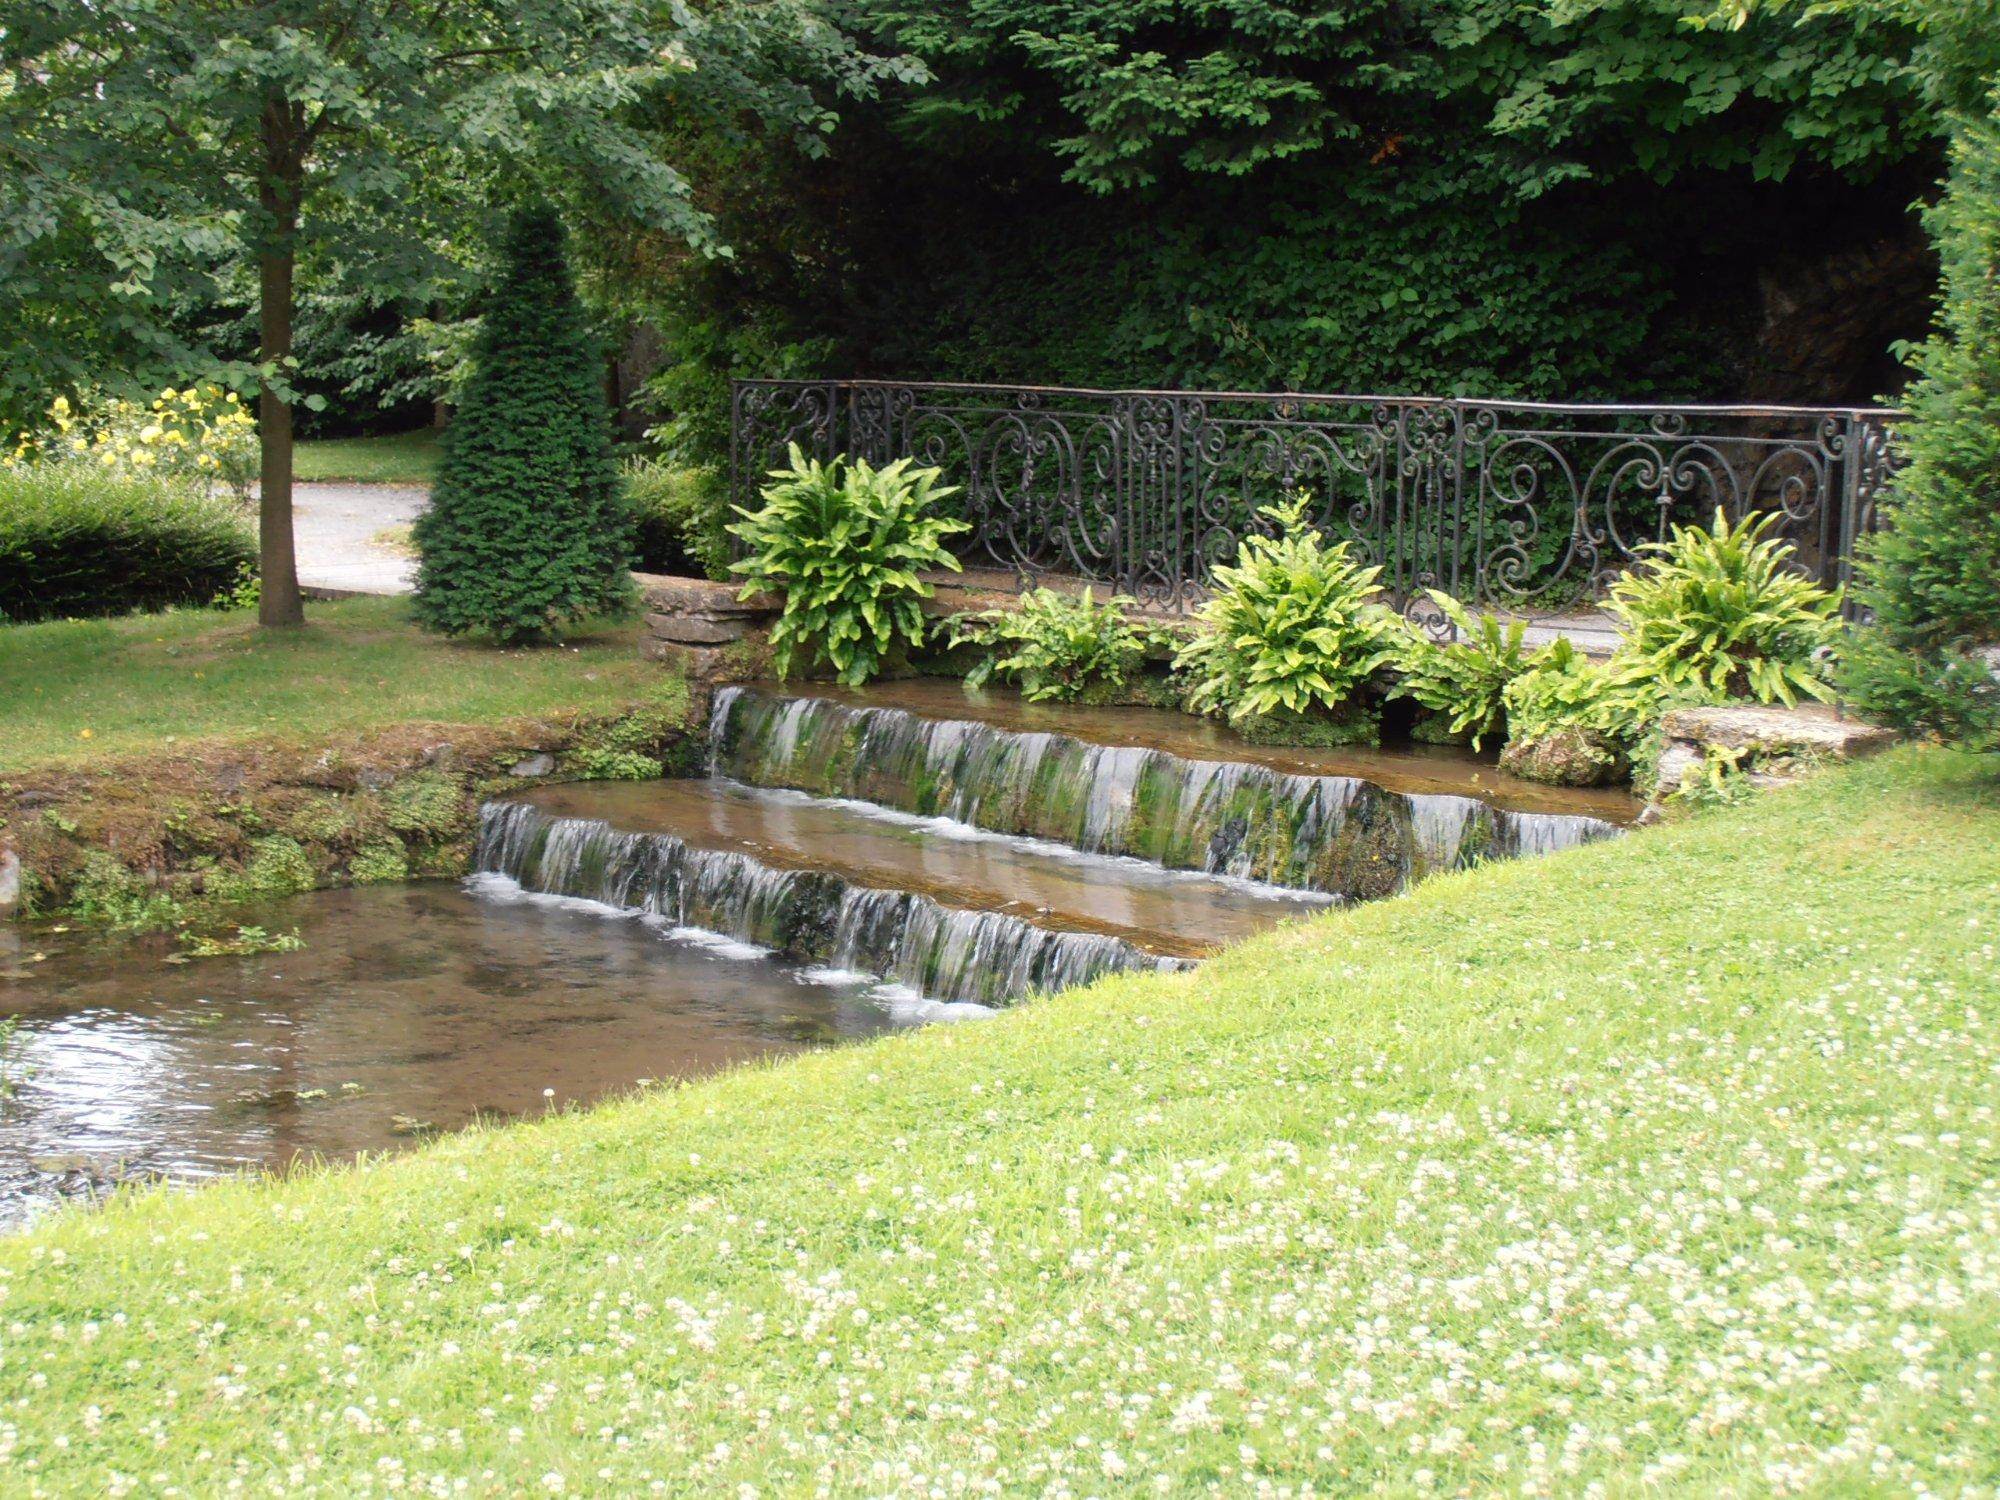 Les jardins d 39 annevoie annevoie rouillon ce qu 39 il faut savoir tripadvisor for Ecran de jardin belgique